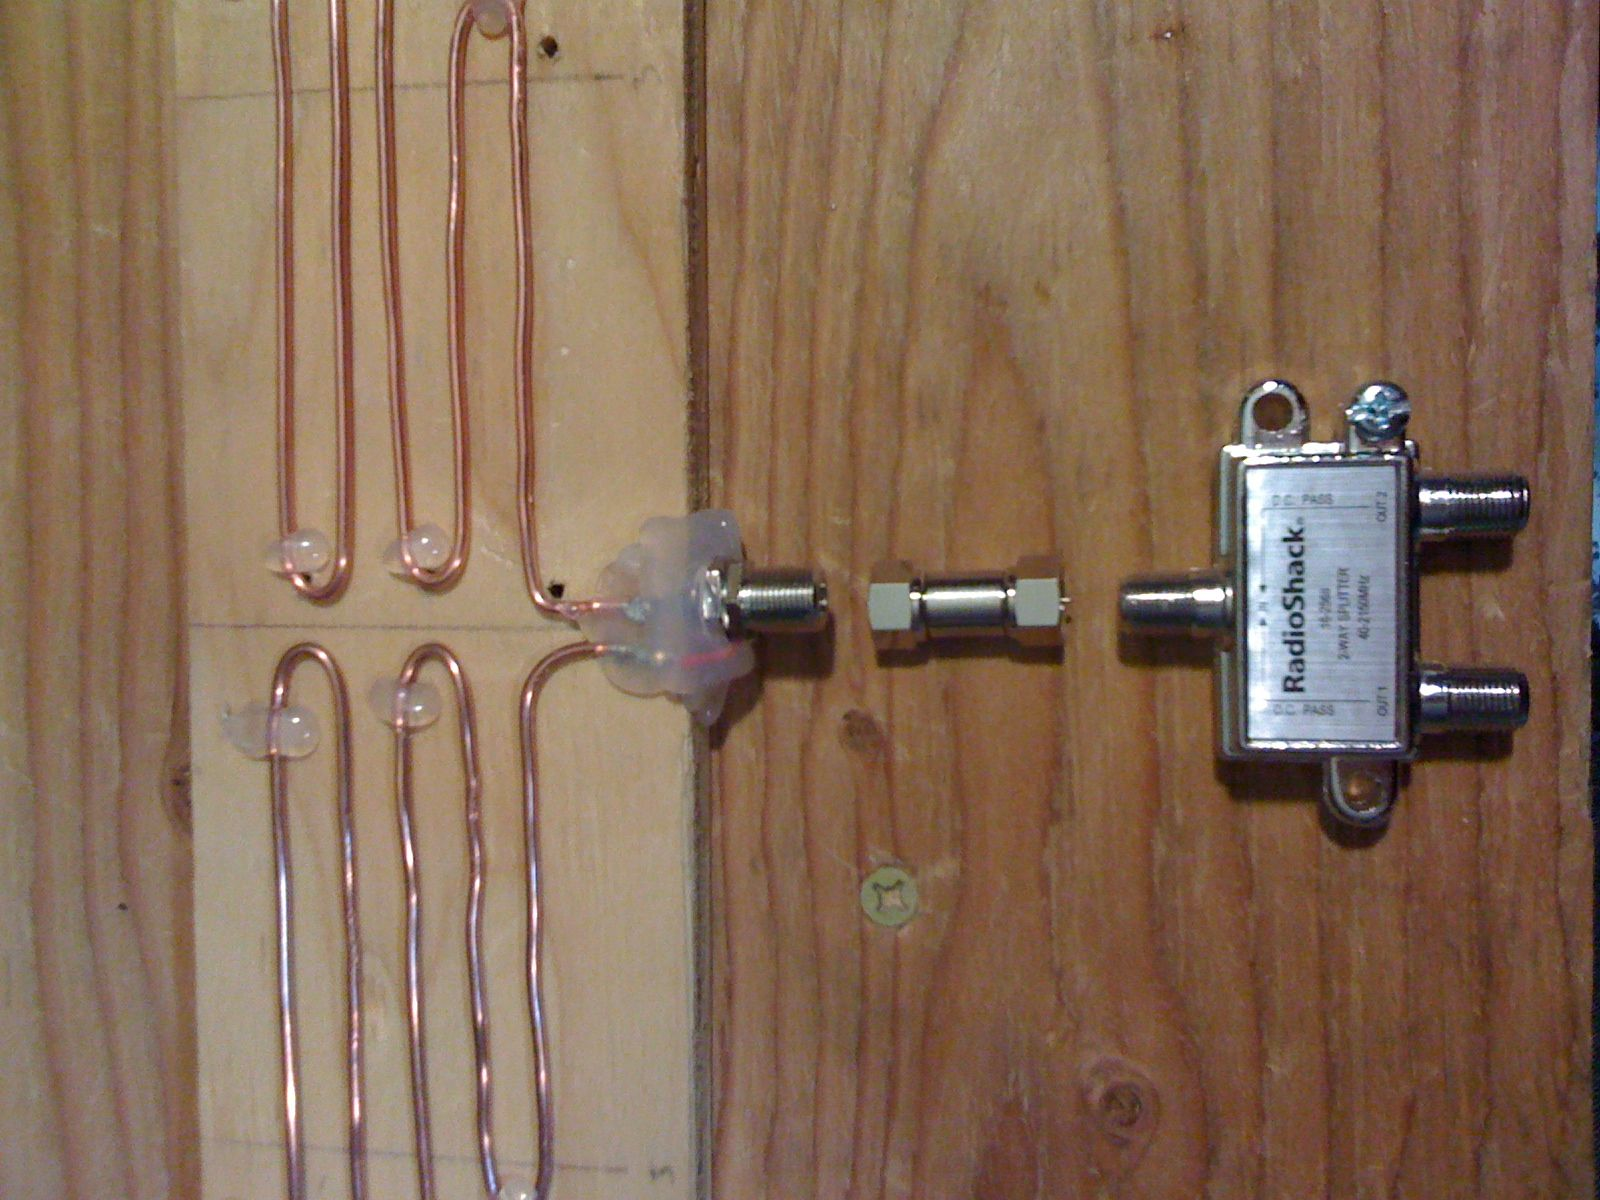 My DIY HDTV antenna Diy tv antenna, Diy electronics, Diy tv